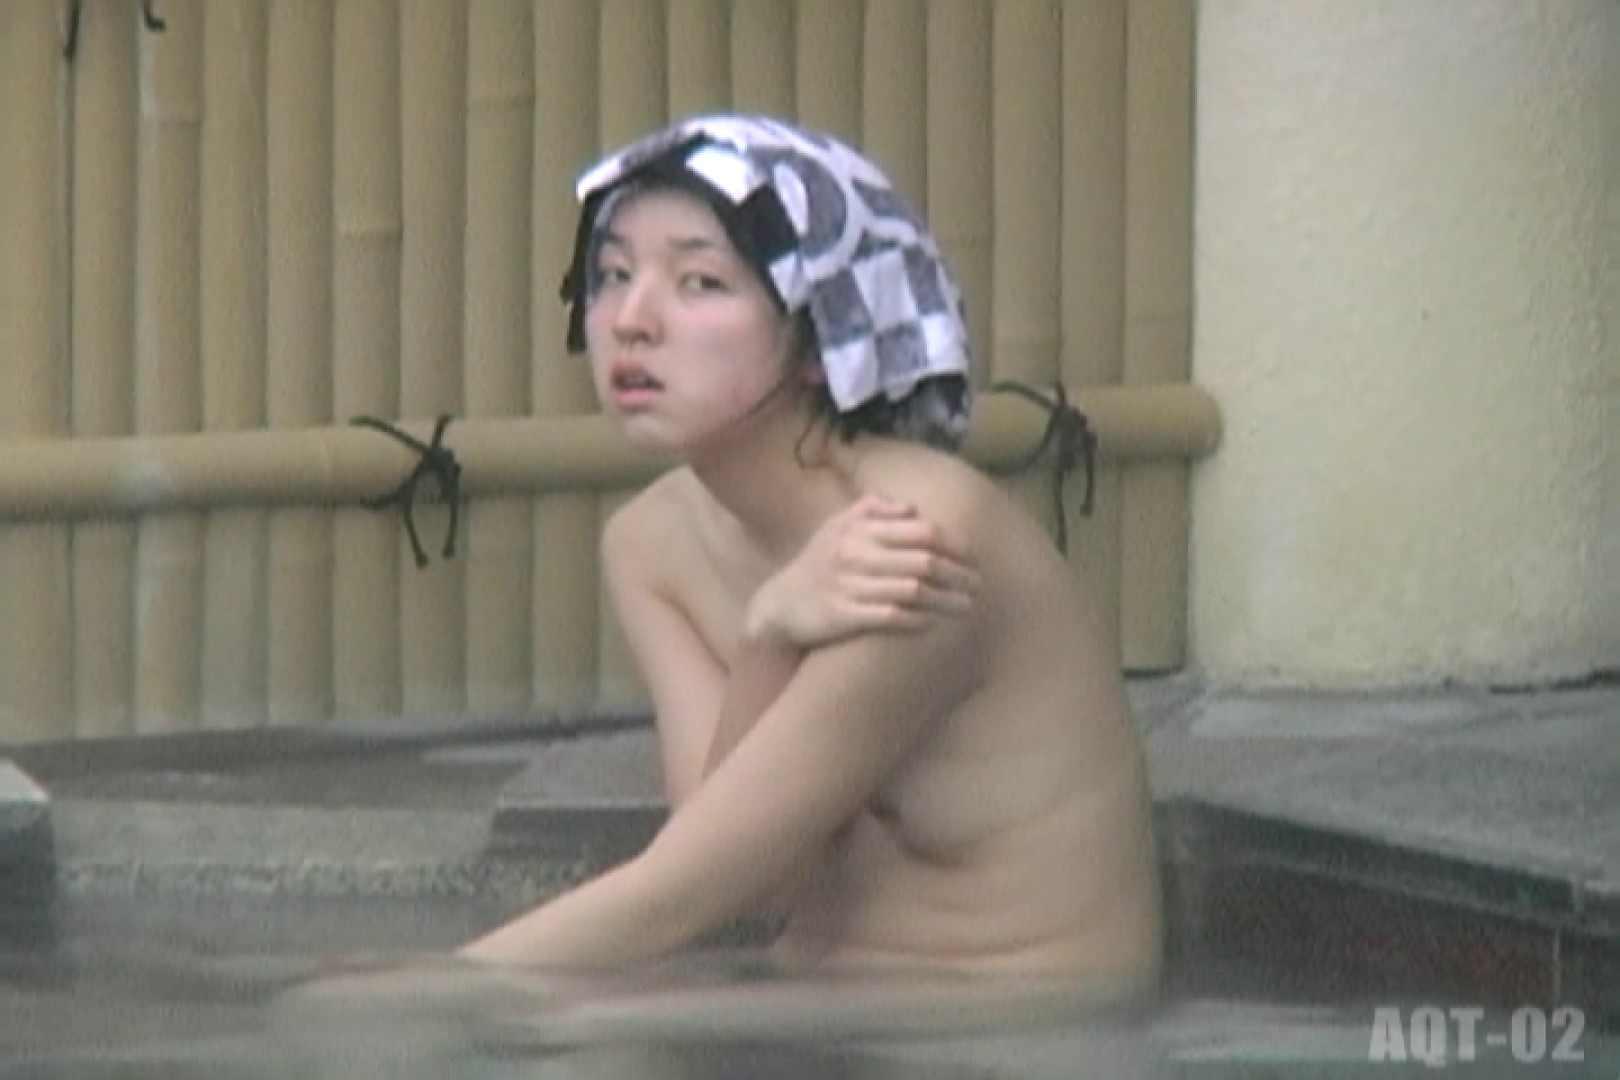 Aquaな露天風呂Vol.723 露天   OLエロ画像  110PICs 34